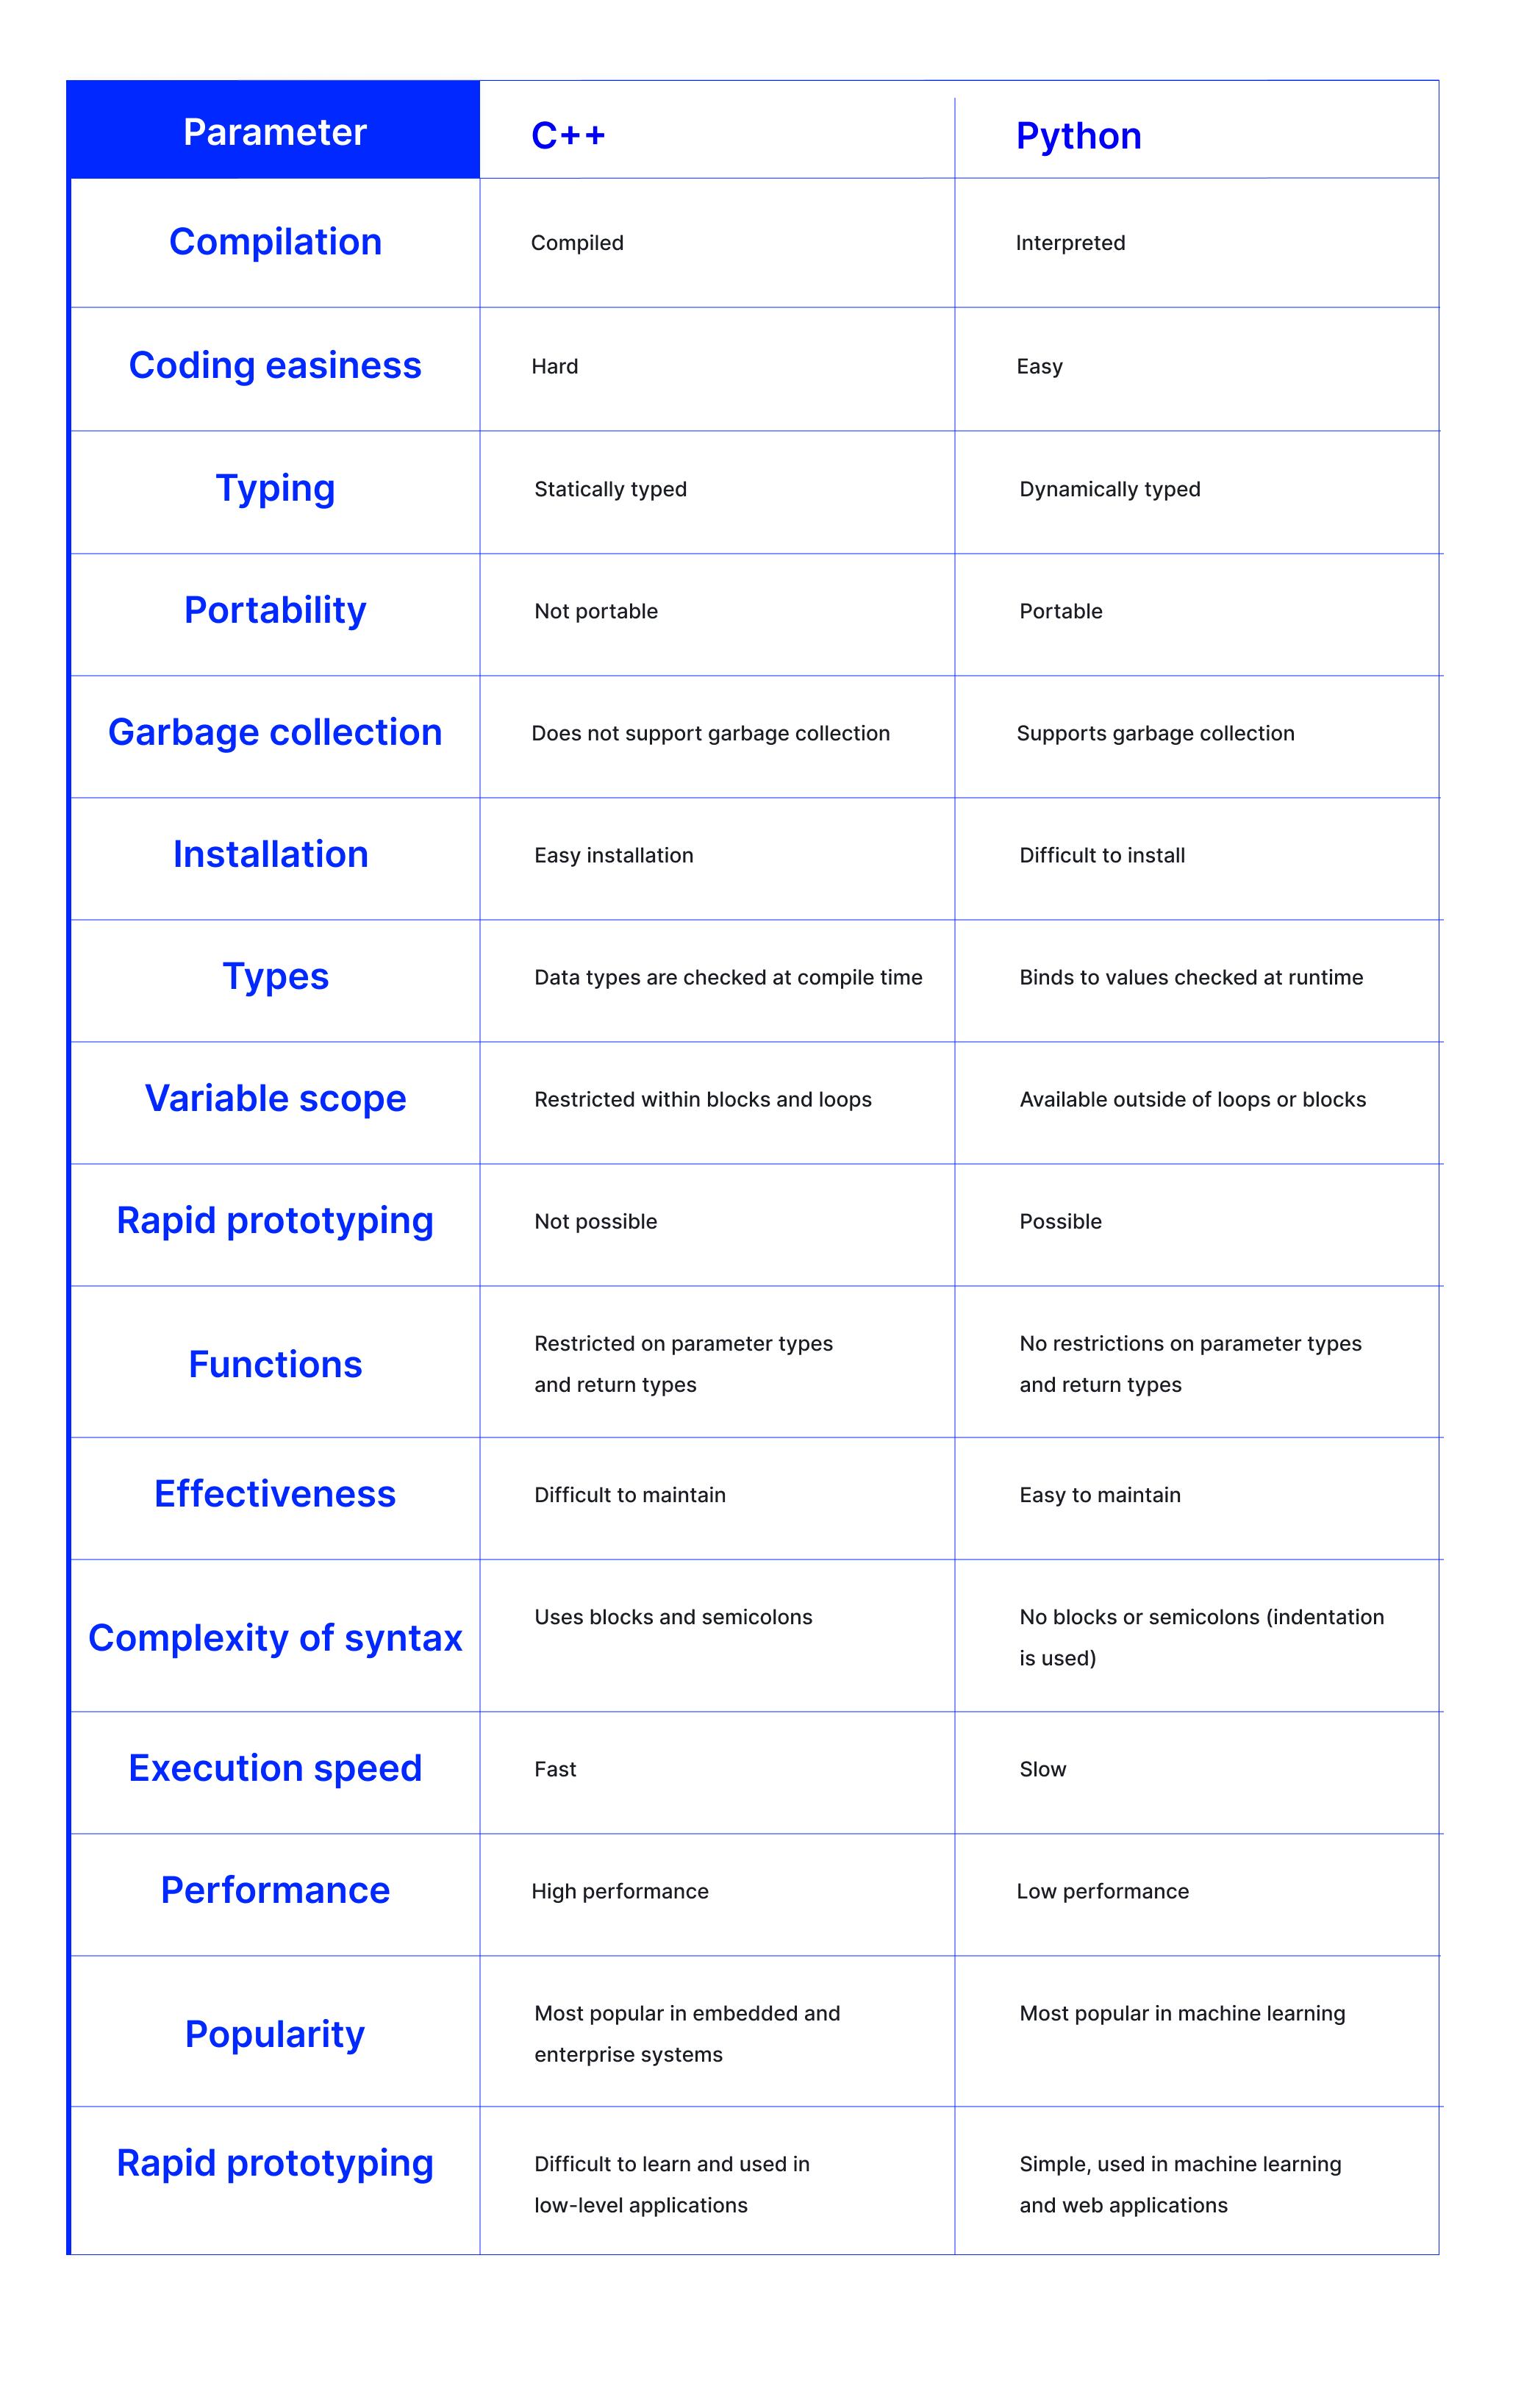 Python vs C++: Technology Comparison